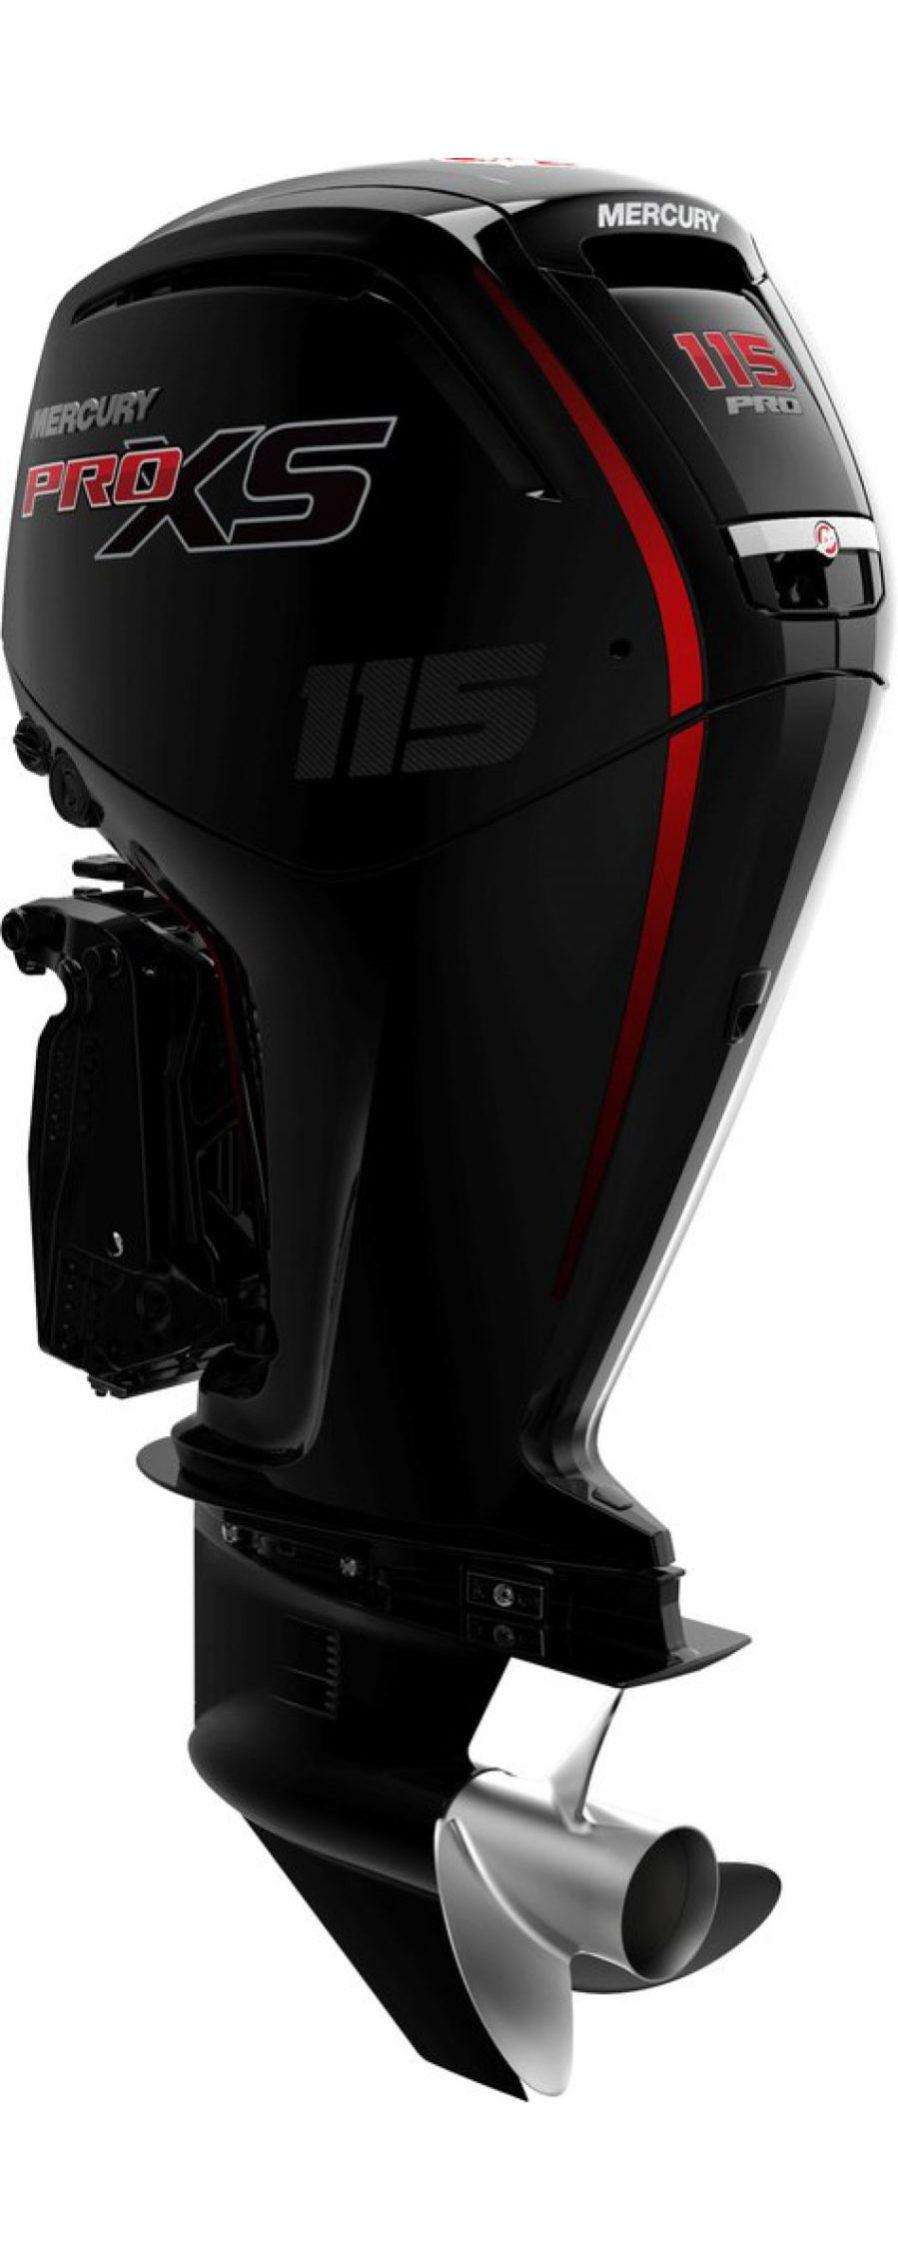 F115XL Pro XS CT